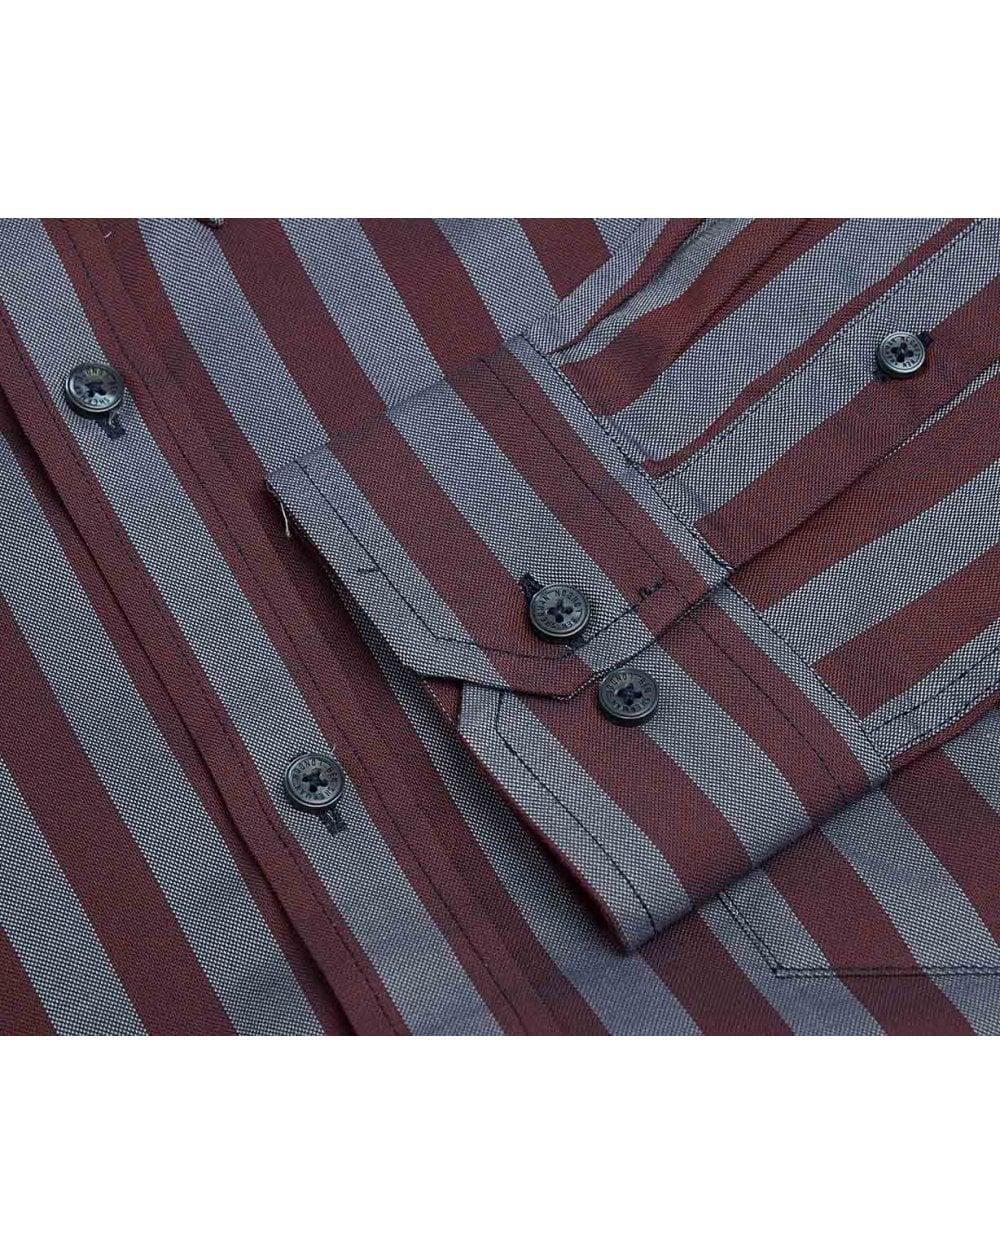 Ben Sherman Long Sleeve Oxford Polka DOT Shirt Camicia Uomo